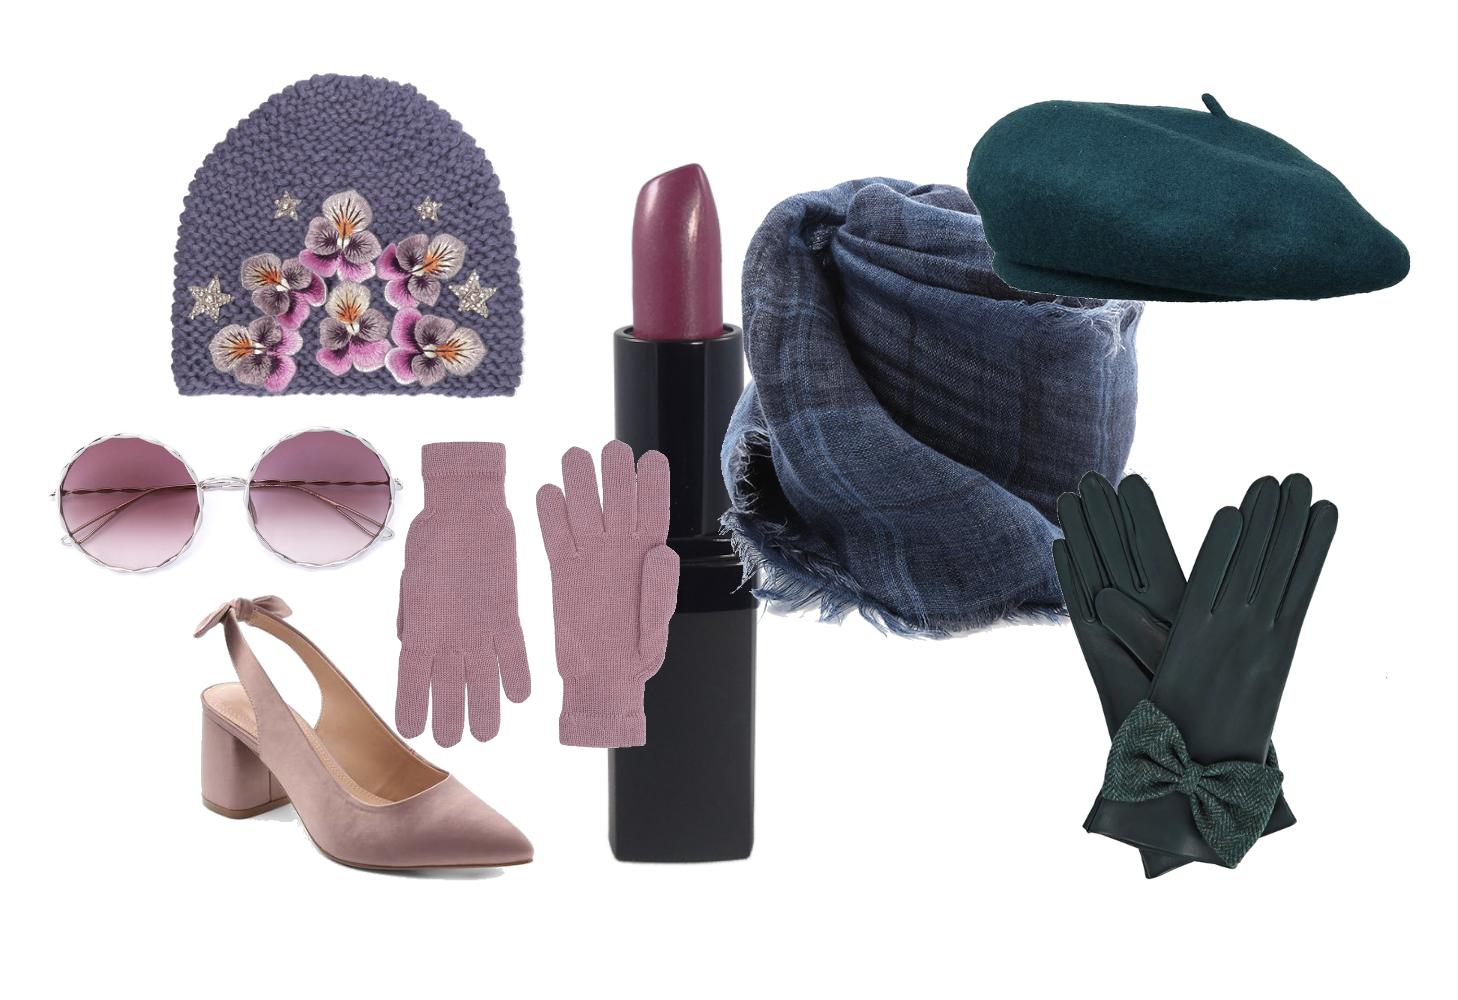 Soft Summer accessories